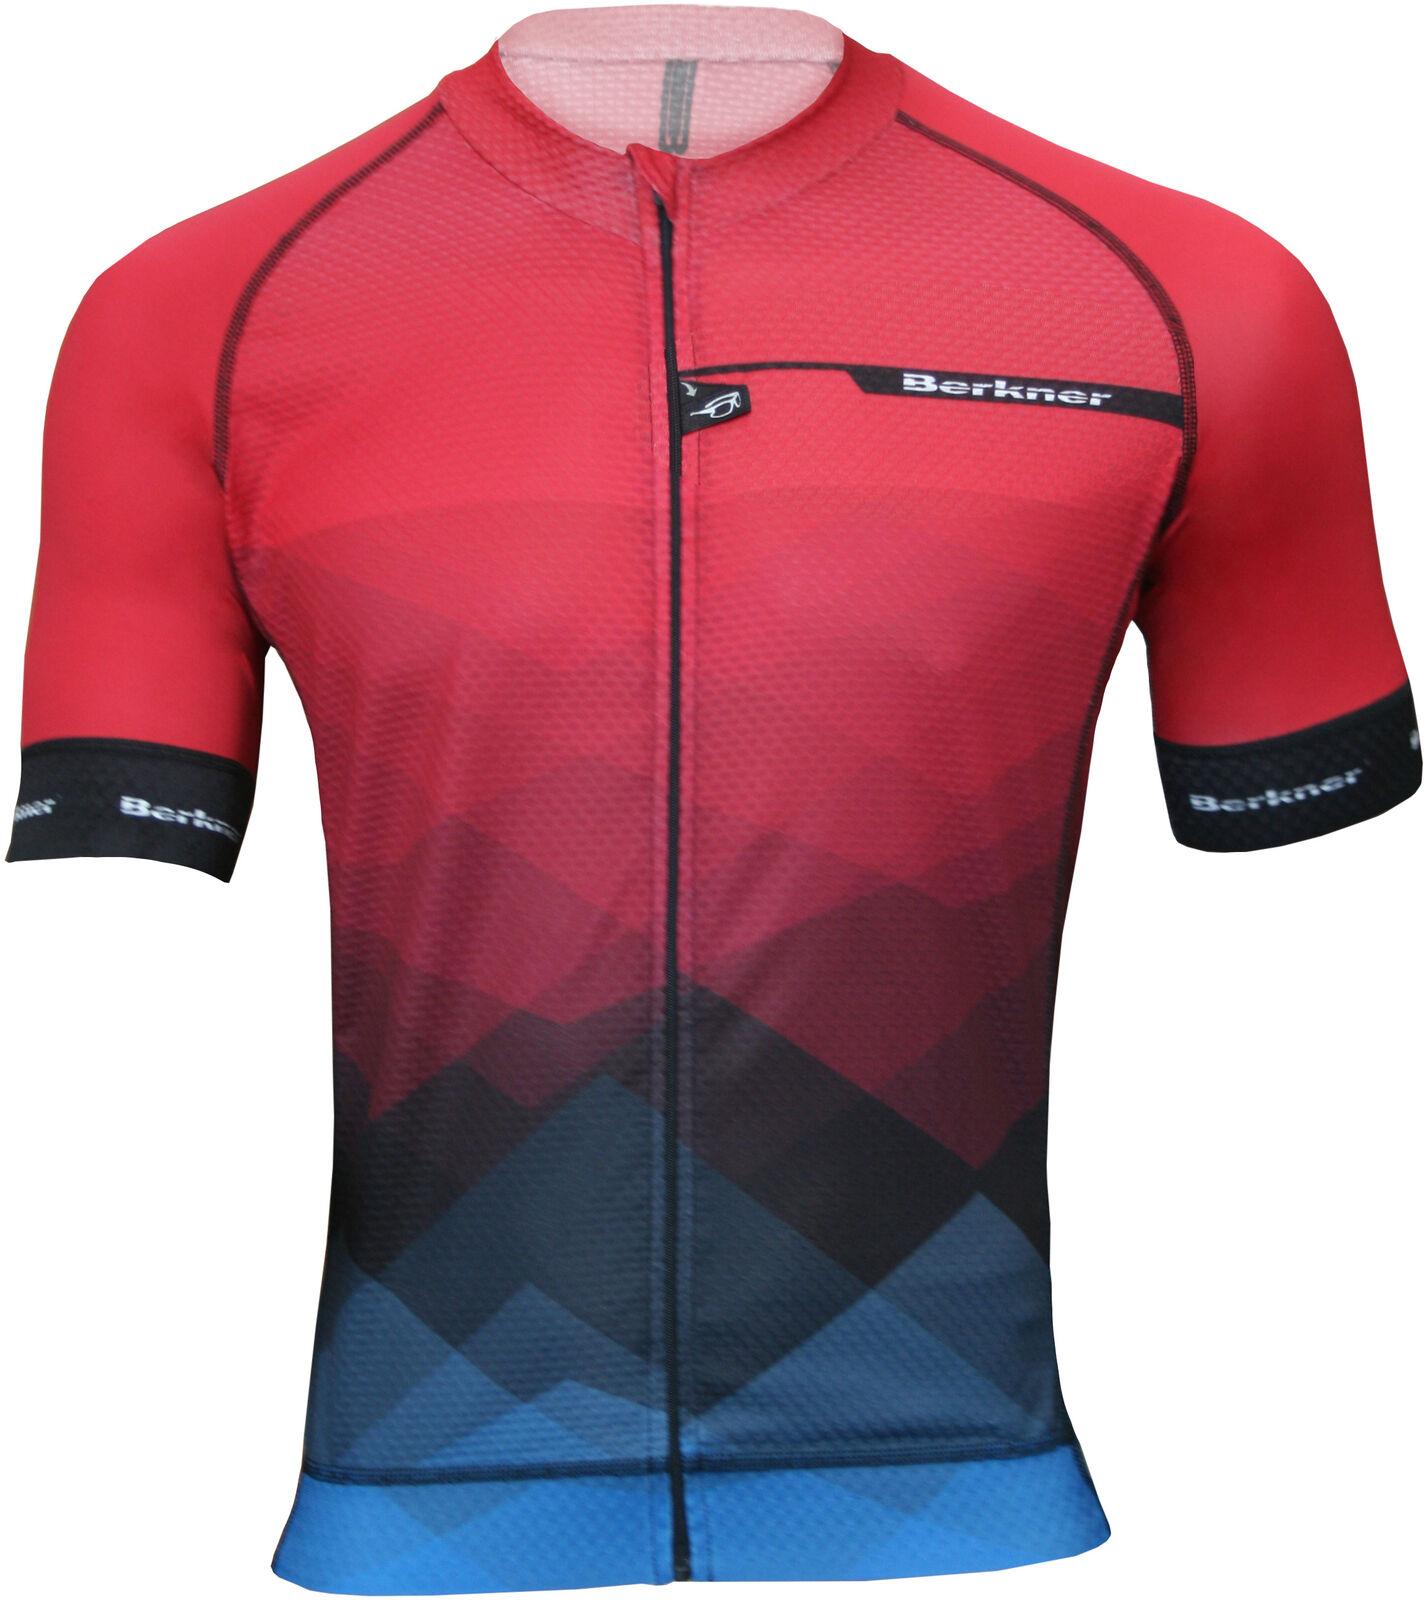 Berkner-pablo-bicicleta camiseta,  radshirt en rojo hasta sobre tamaño 5xl  comprar mejor